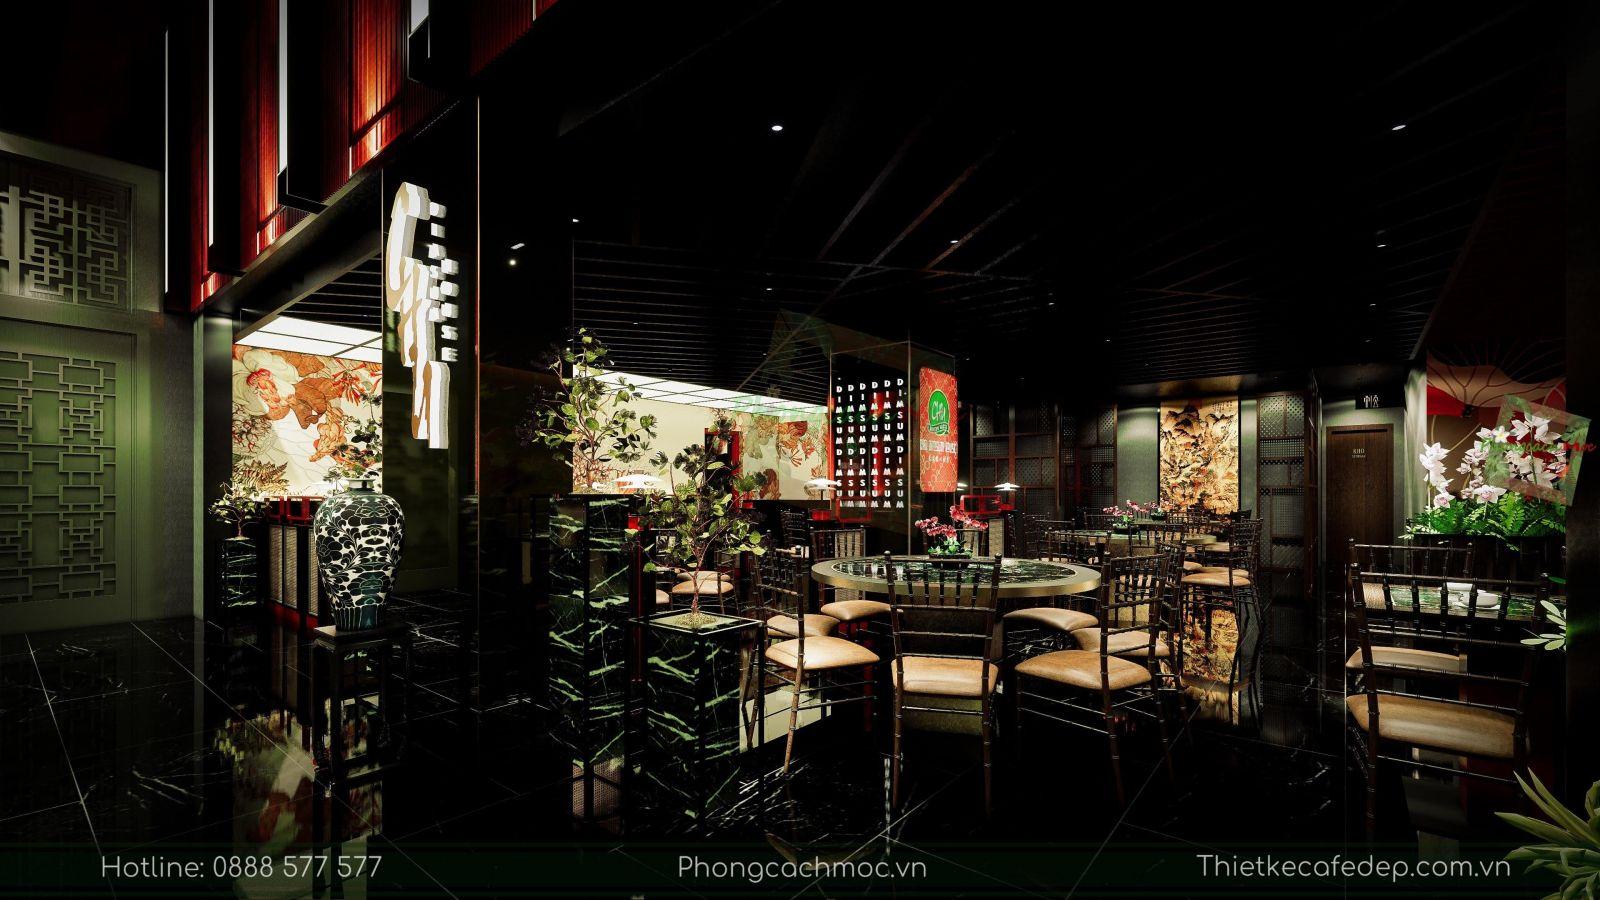 thiết kế nhà hàng trung hoa - nội thất tầng trệt